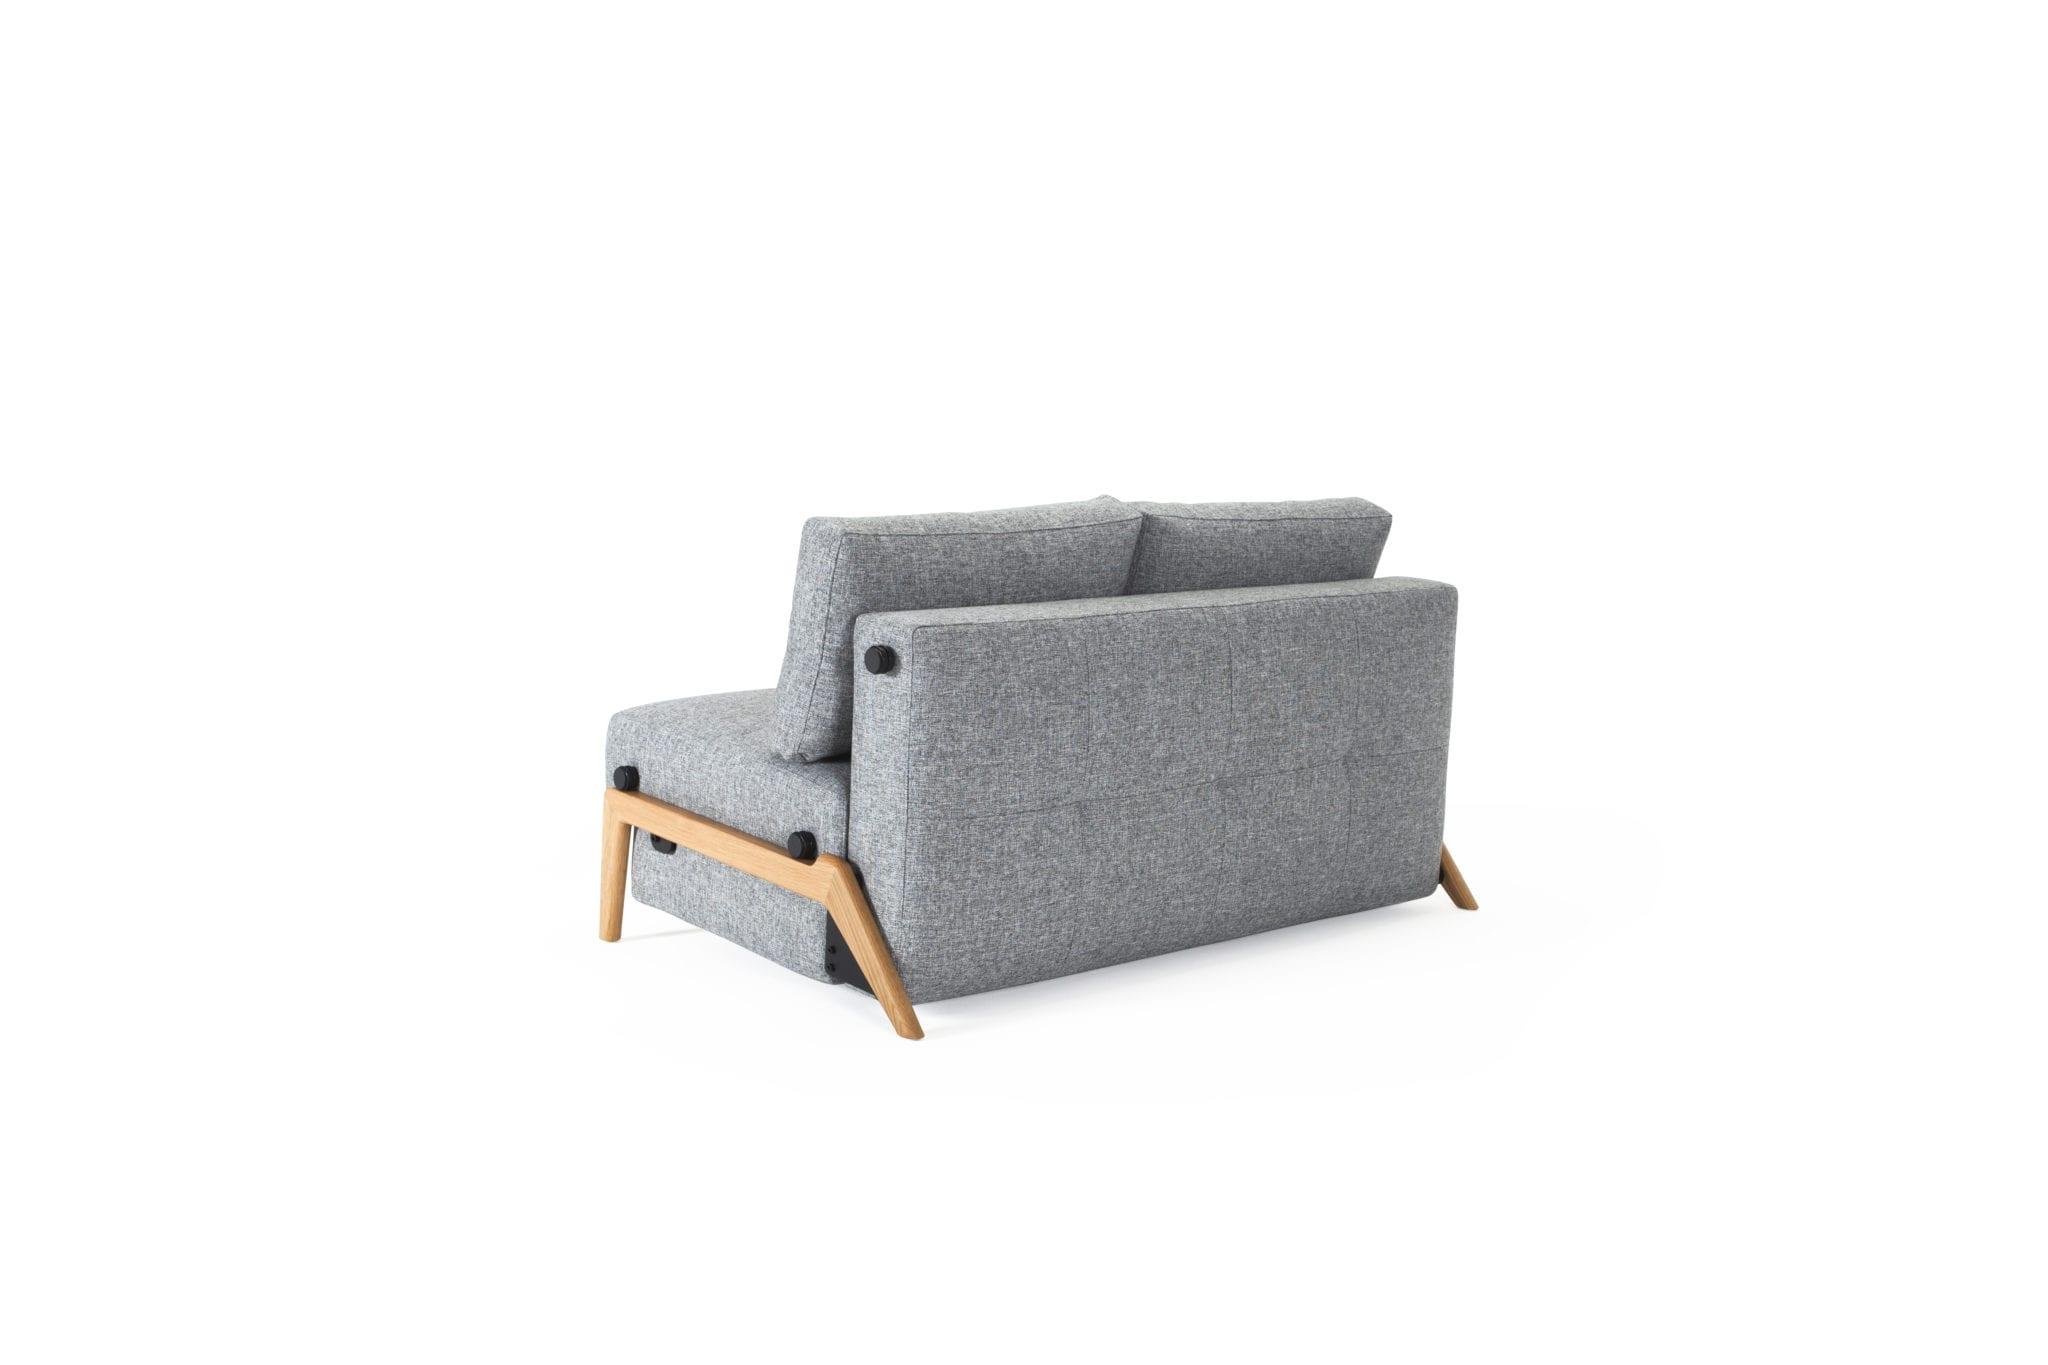 Cubed 140 Wood Sofa Bed Innovation Living Melbourne